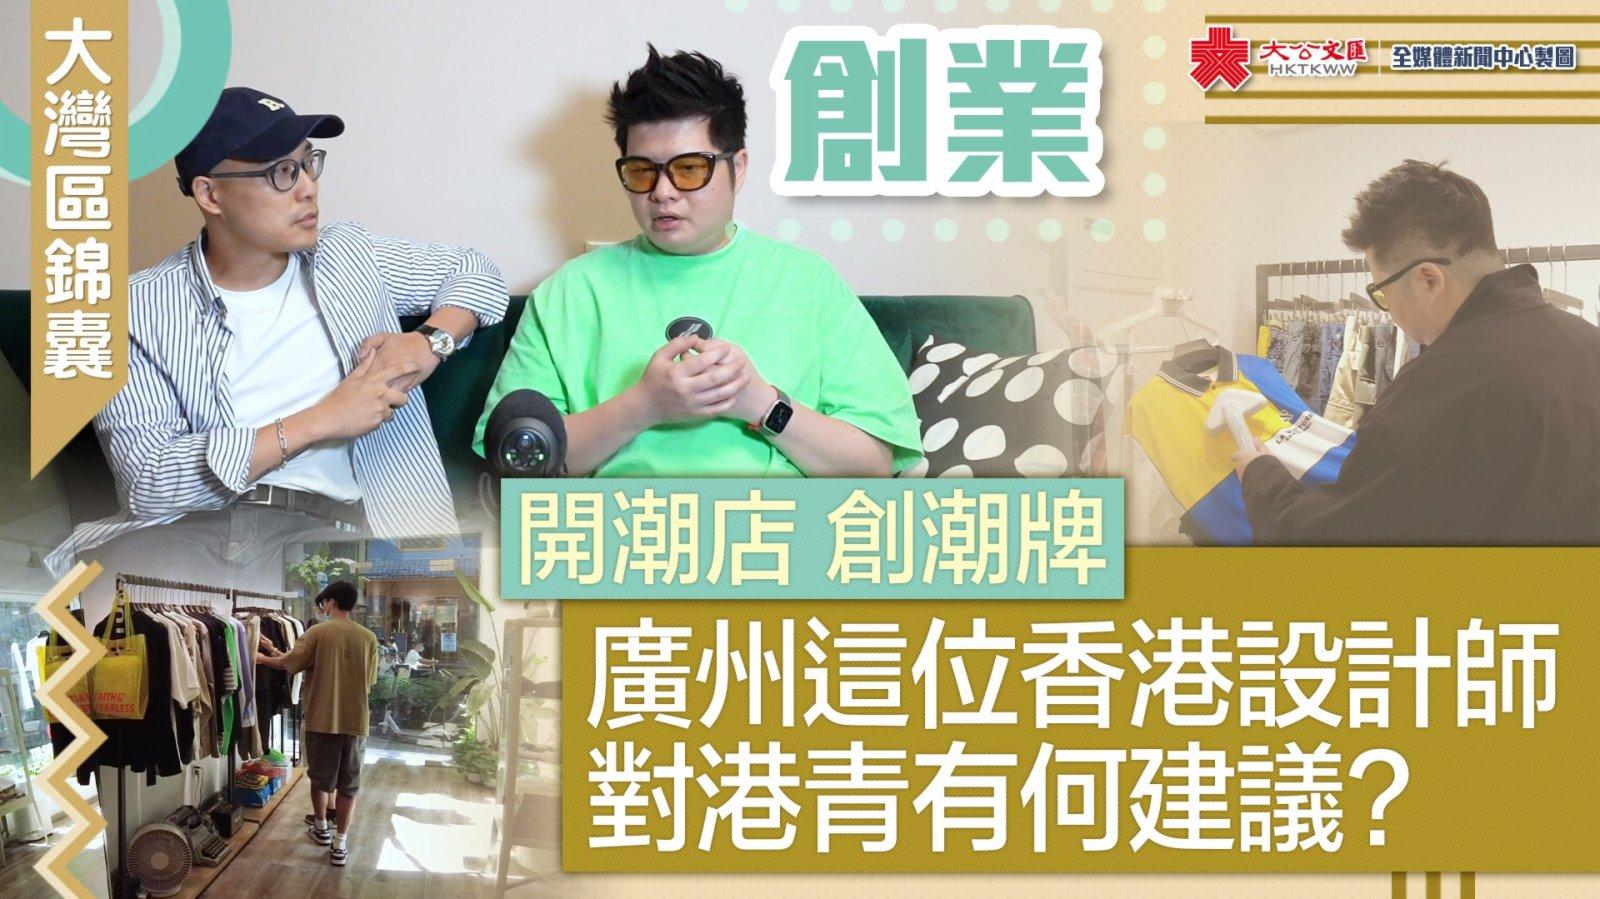 大灣區錦囊·創業 港設計師廣州創業開潮店